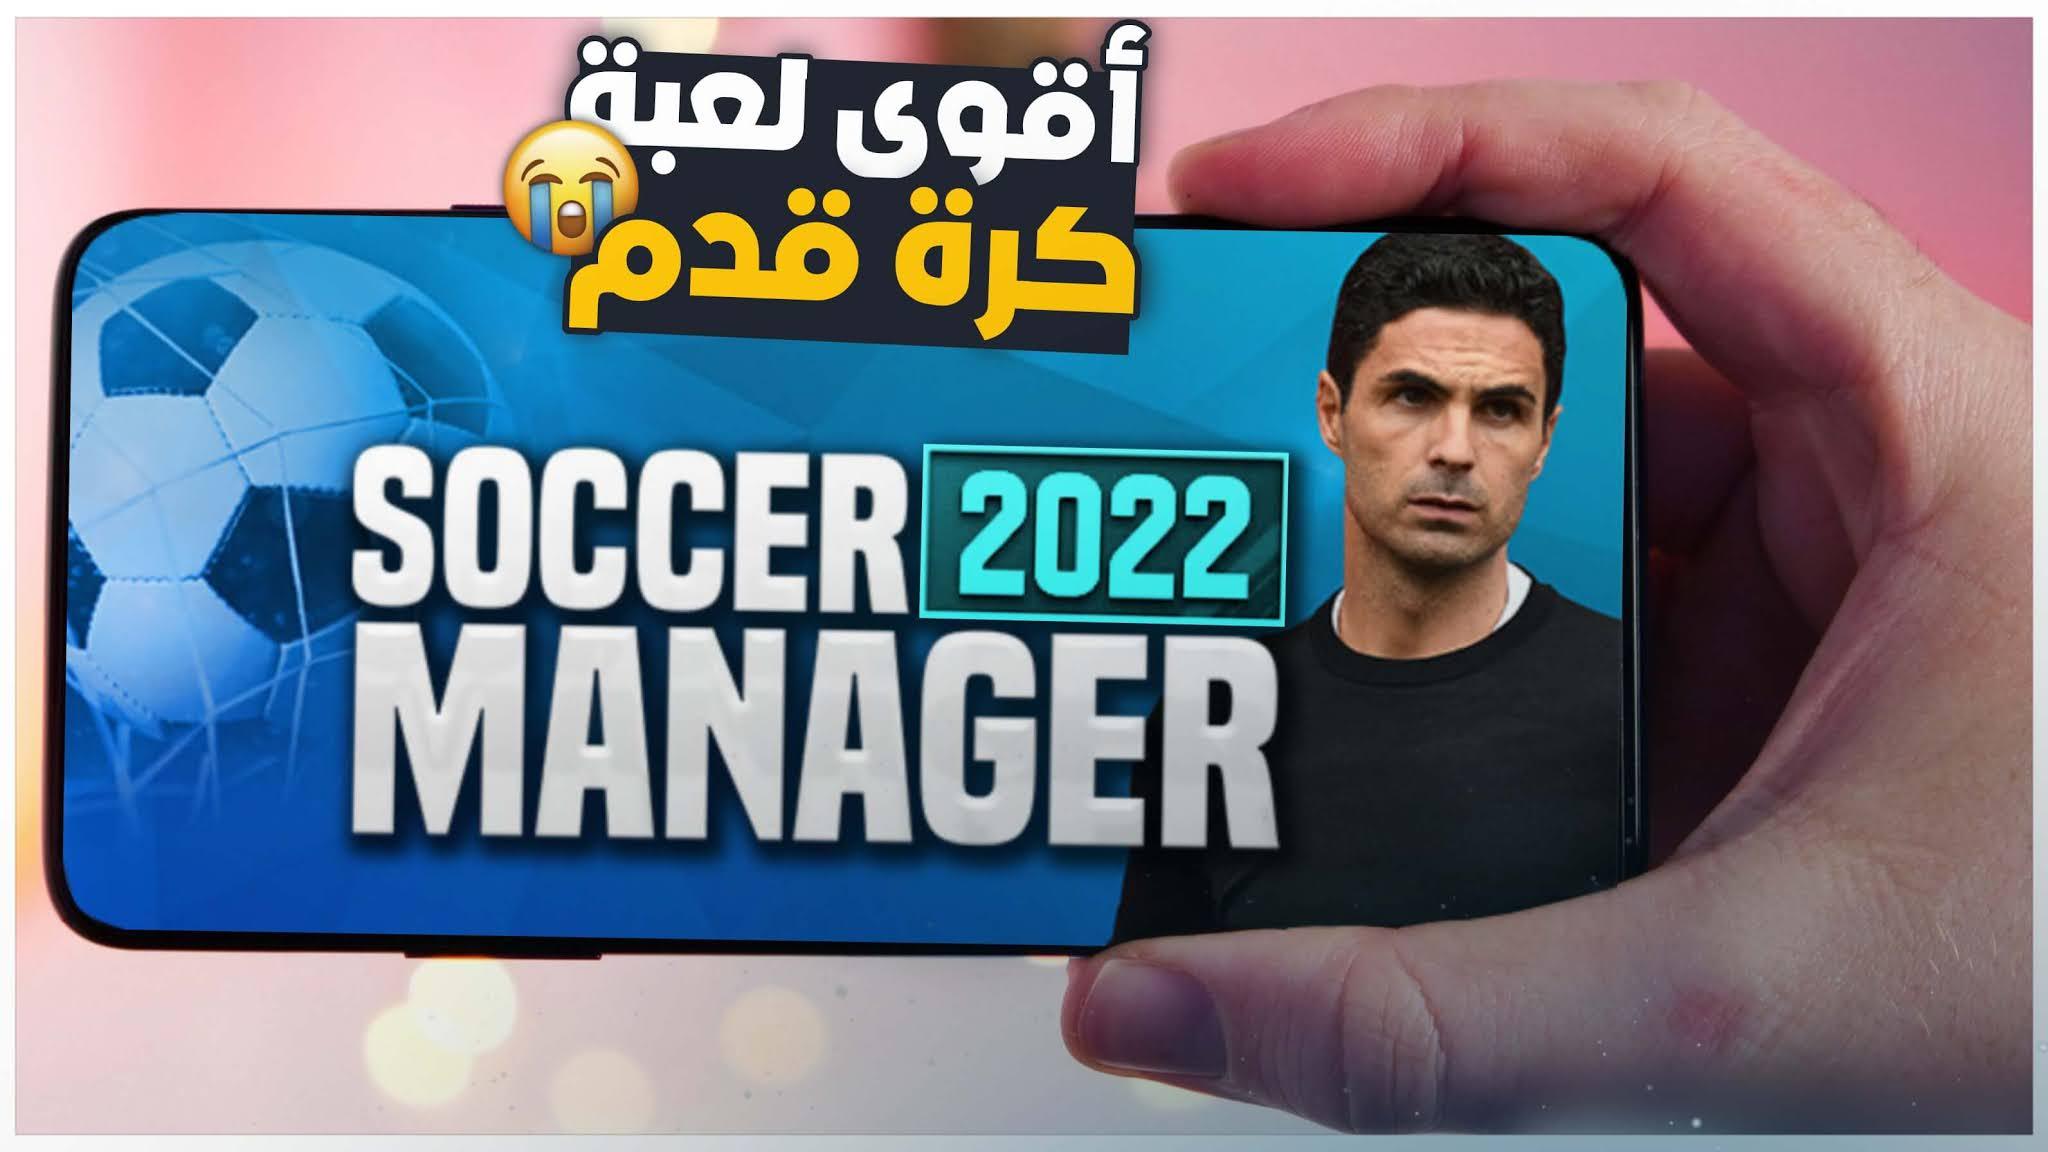 رسميا اطلاق لعبة كرة قدم جديدة اسطورية 2022 للاندرويد والايفون Soccer Manager 2022 APK